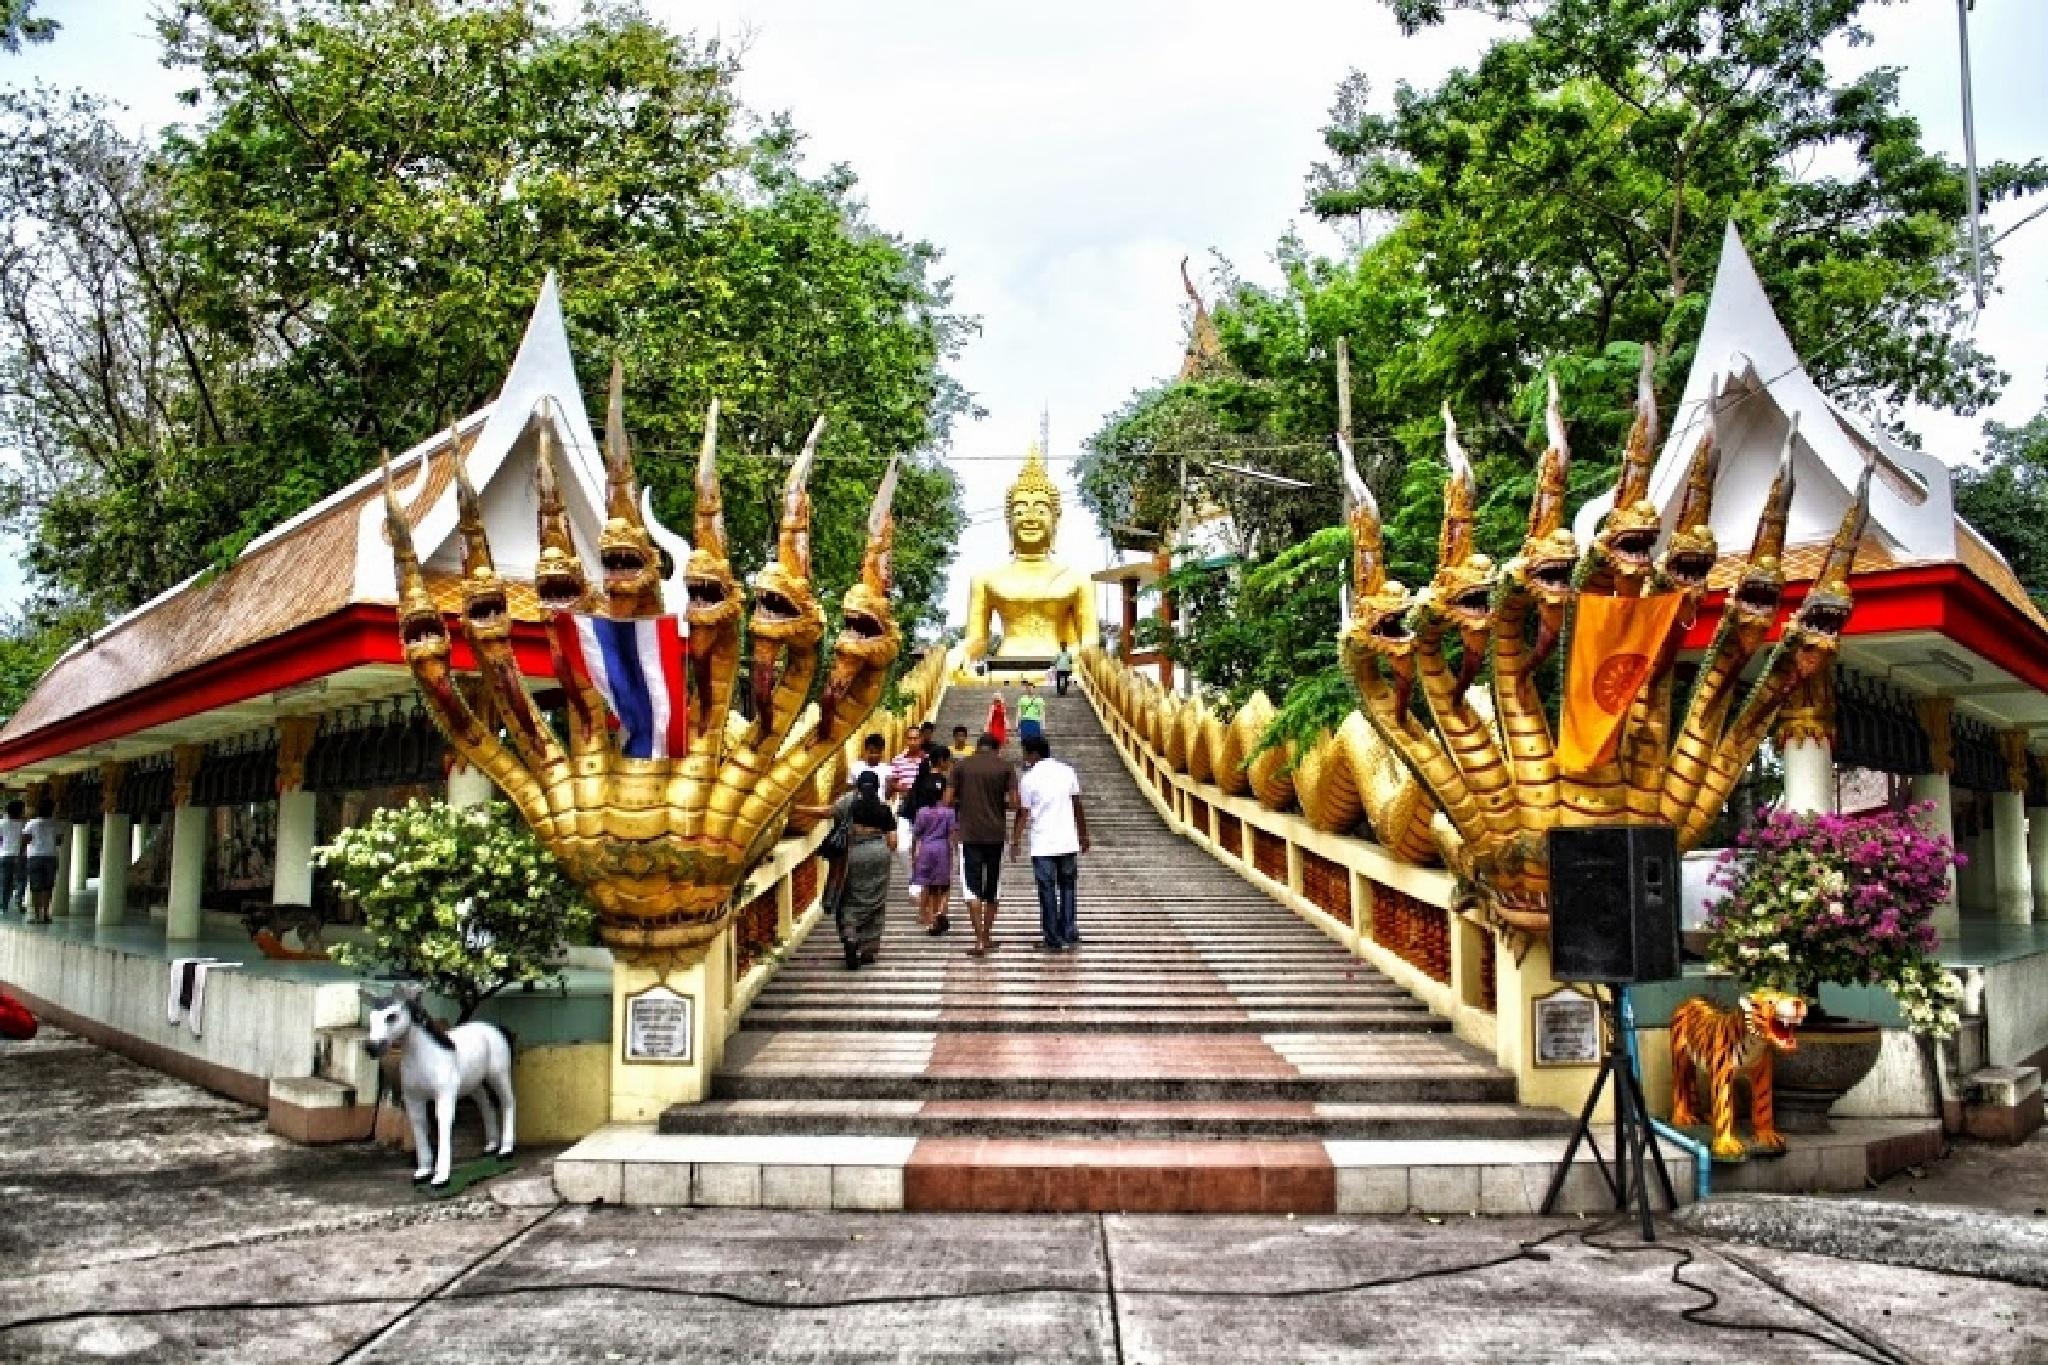 Temple steps Pattaya Thailand by Dáithí Ó Raghallaigh